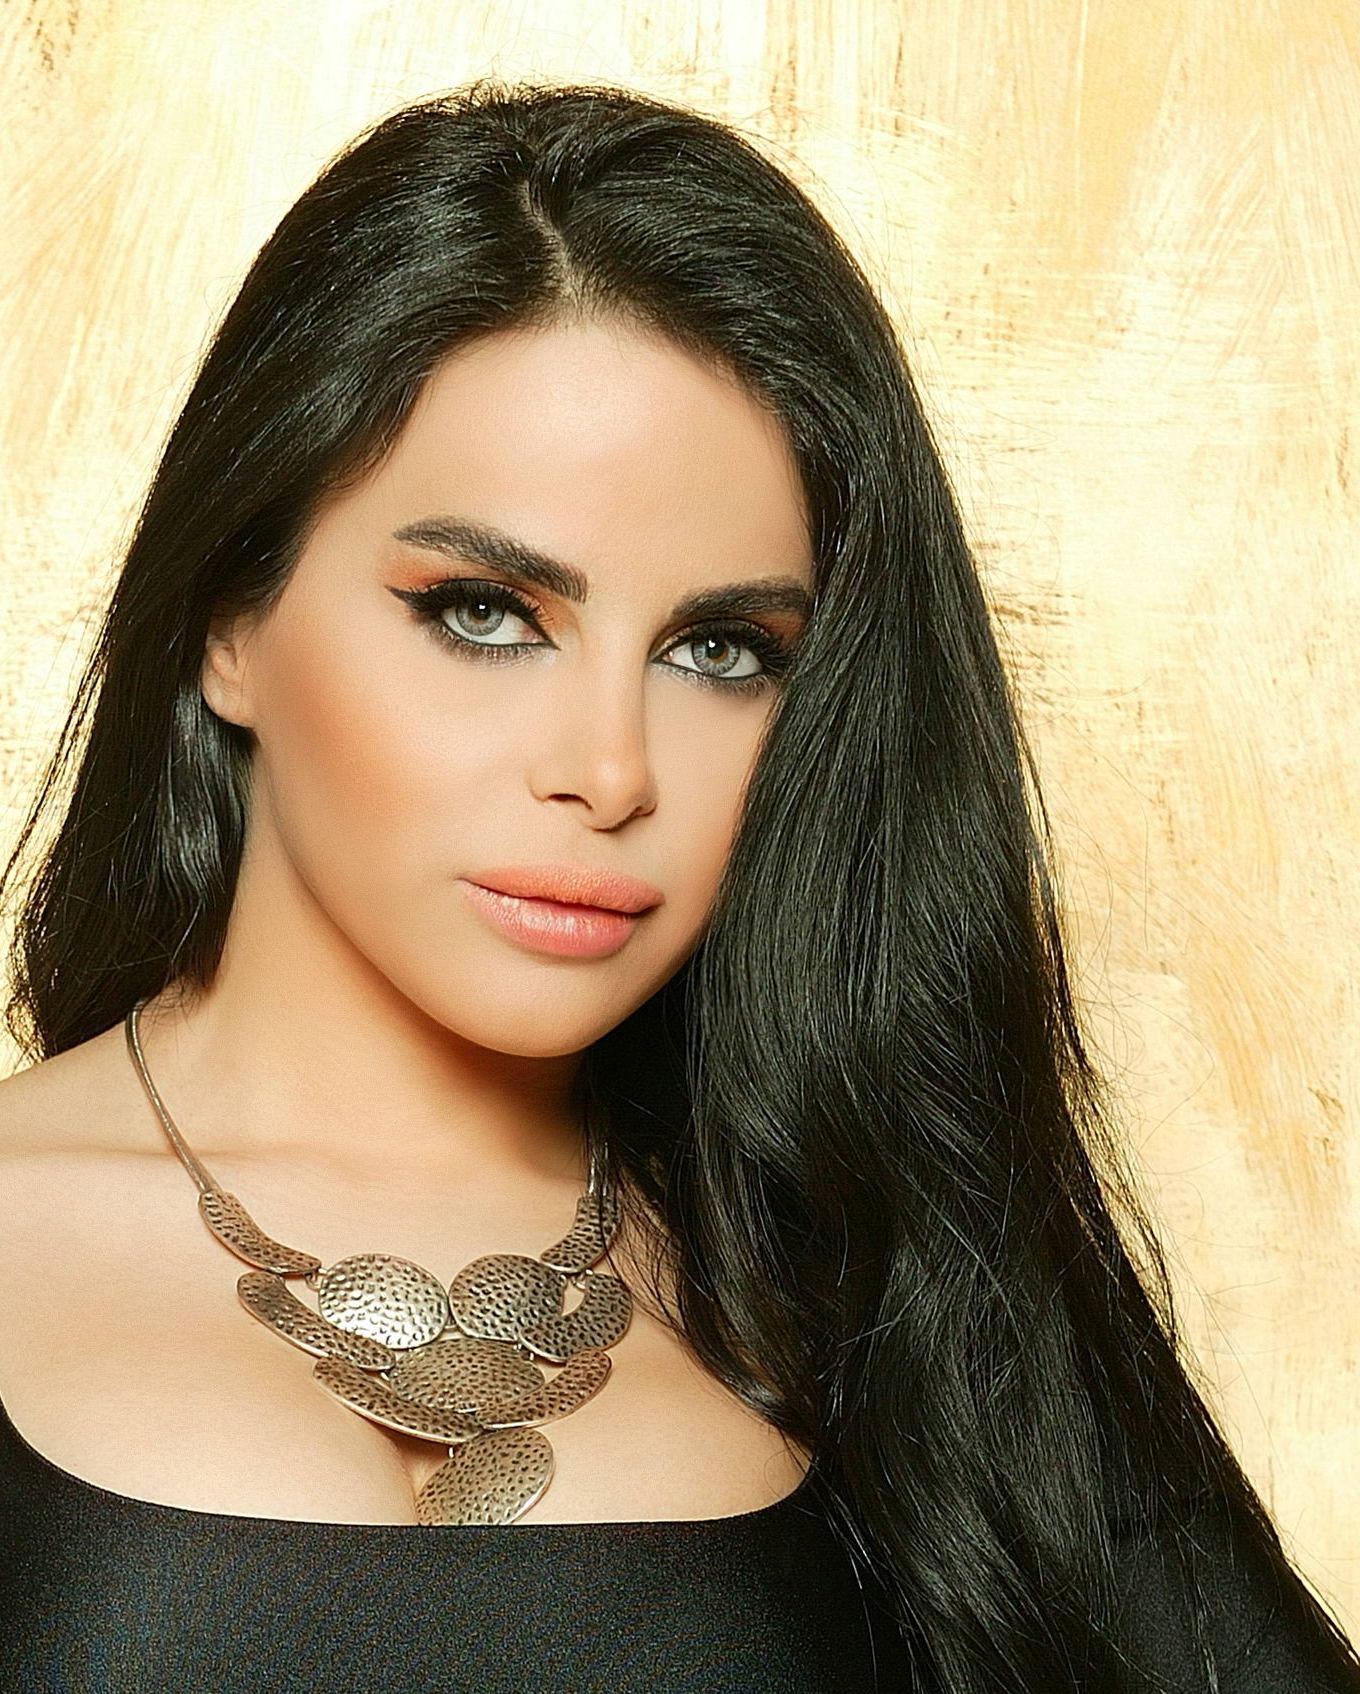 صوره صور ليال عبود , اجمل واجدد صورة للمطربة اللبنانية